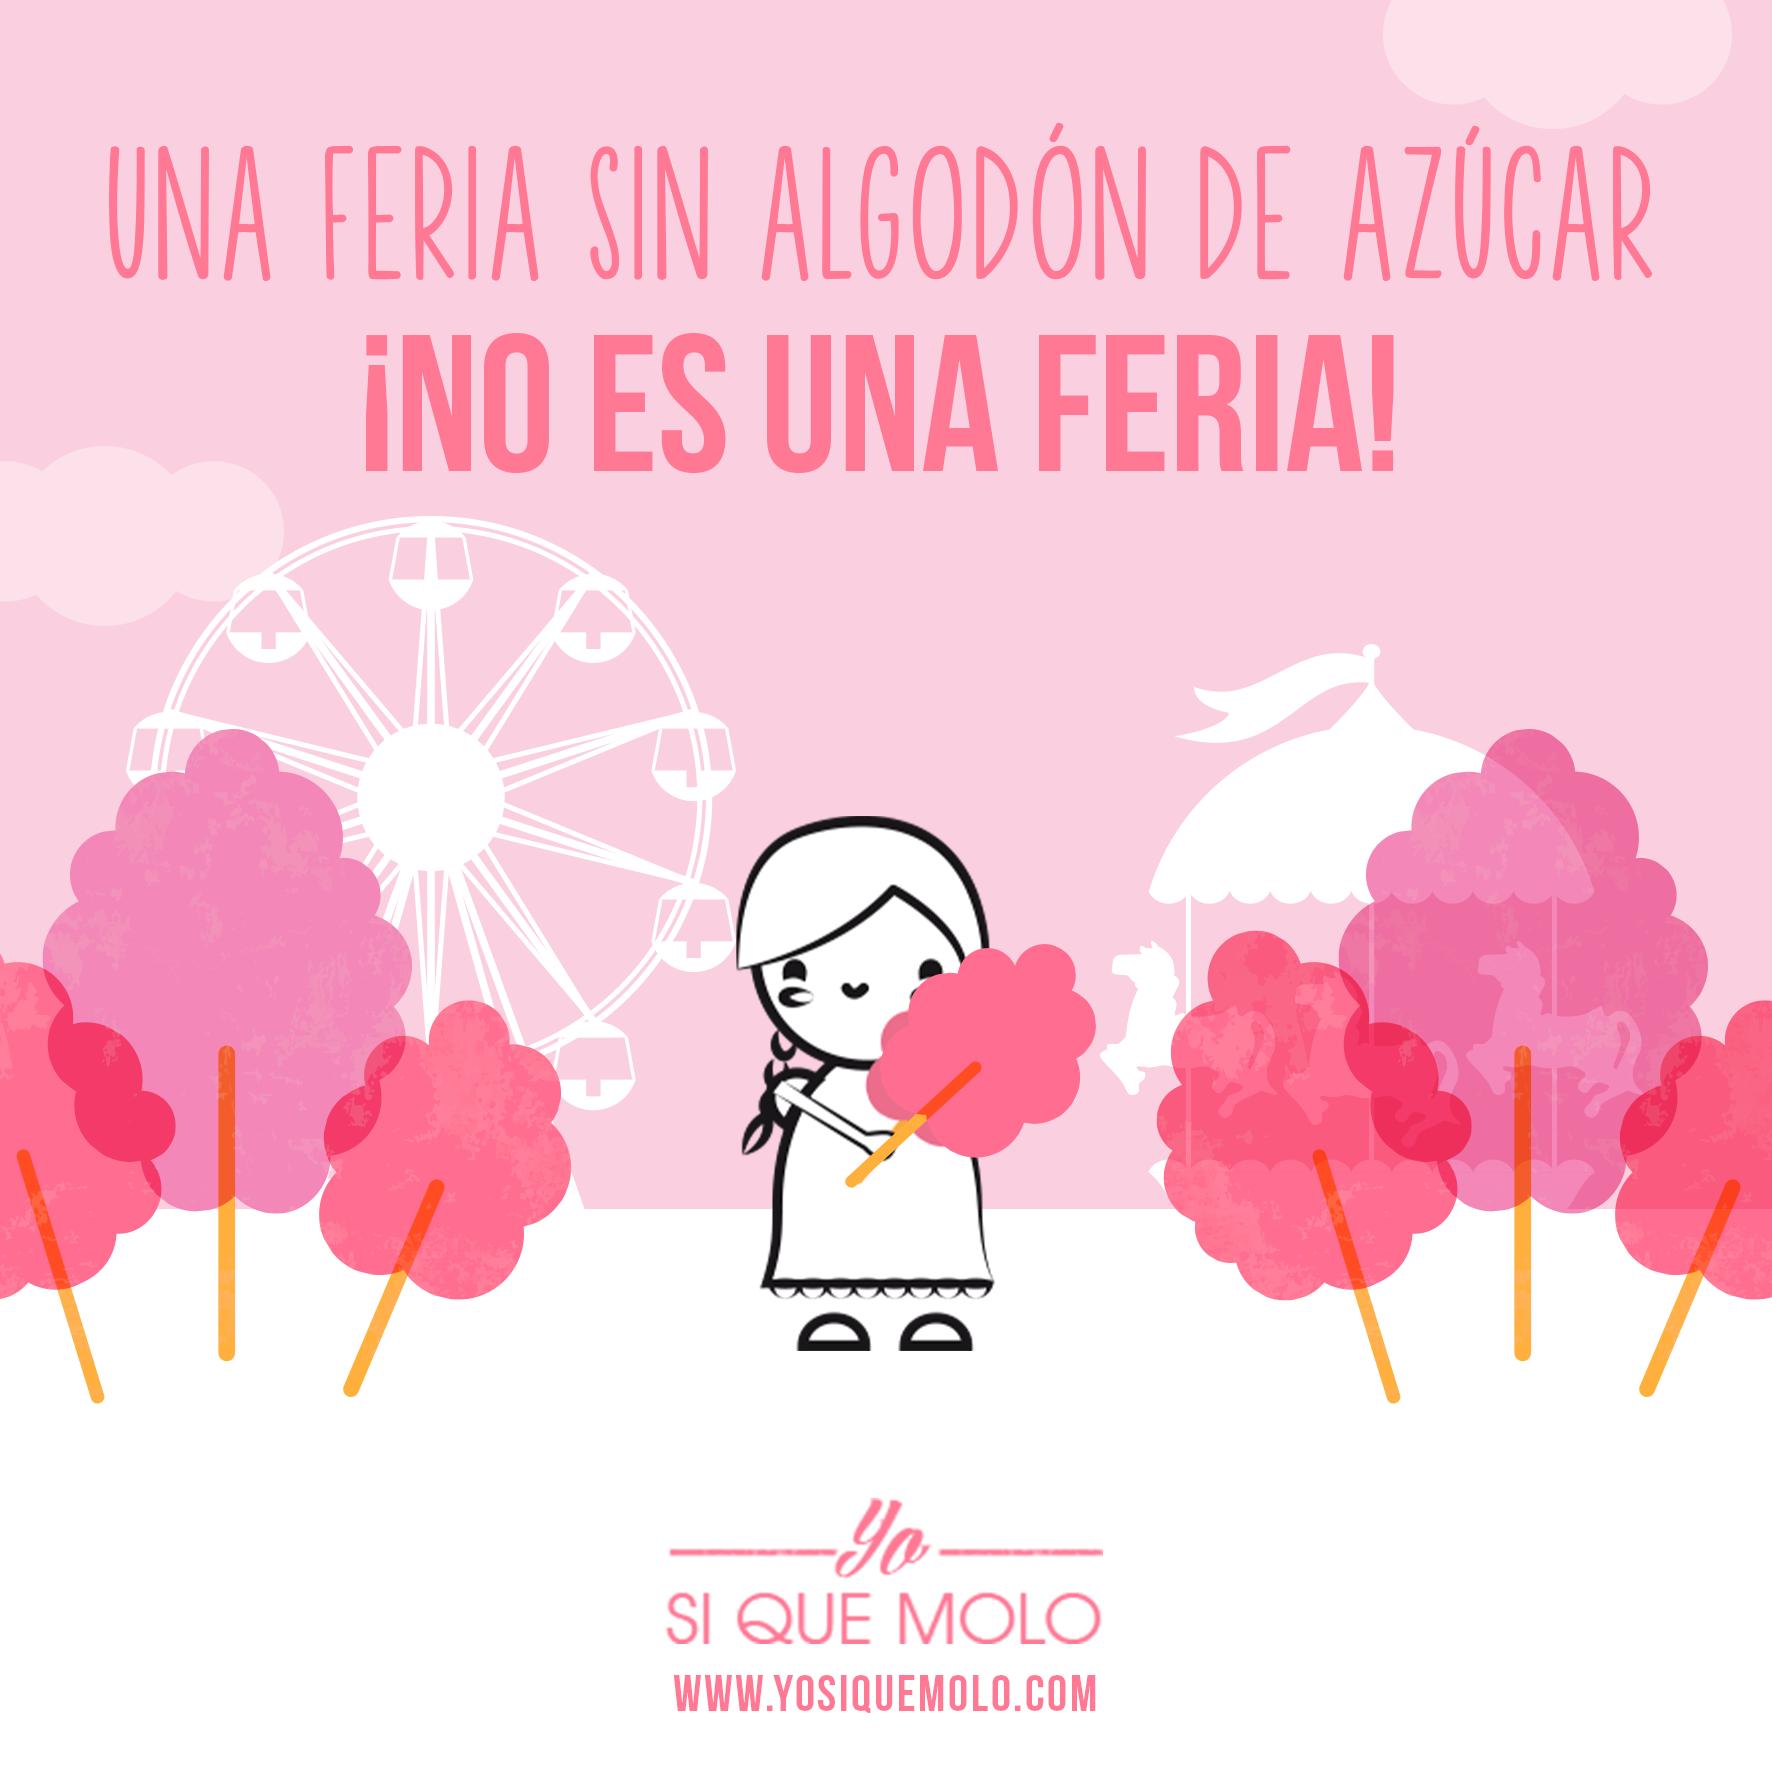 Celebremos el Día Mundial del Algodón de Azúcar ☺☺#Diade #algodondeazucar #dulce #feria #niñamolona #yosiquemolo